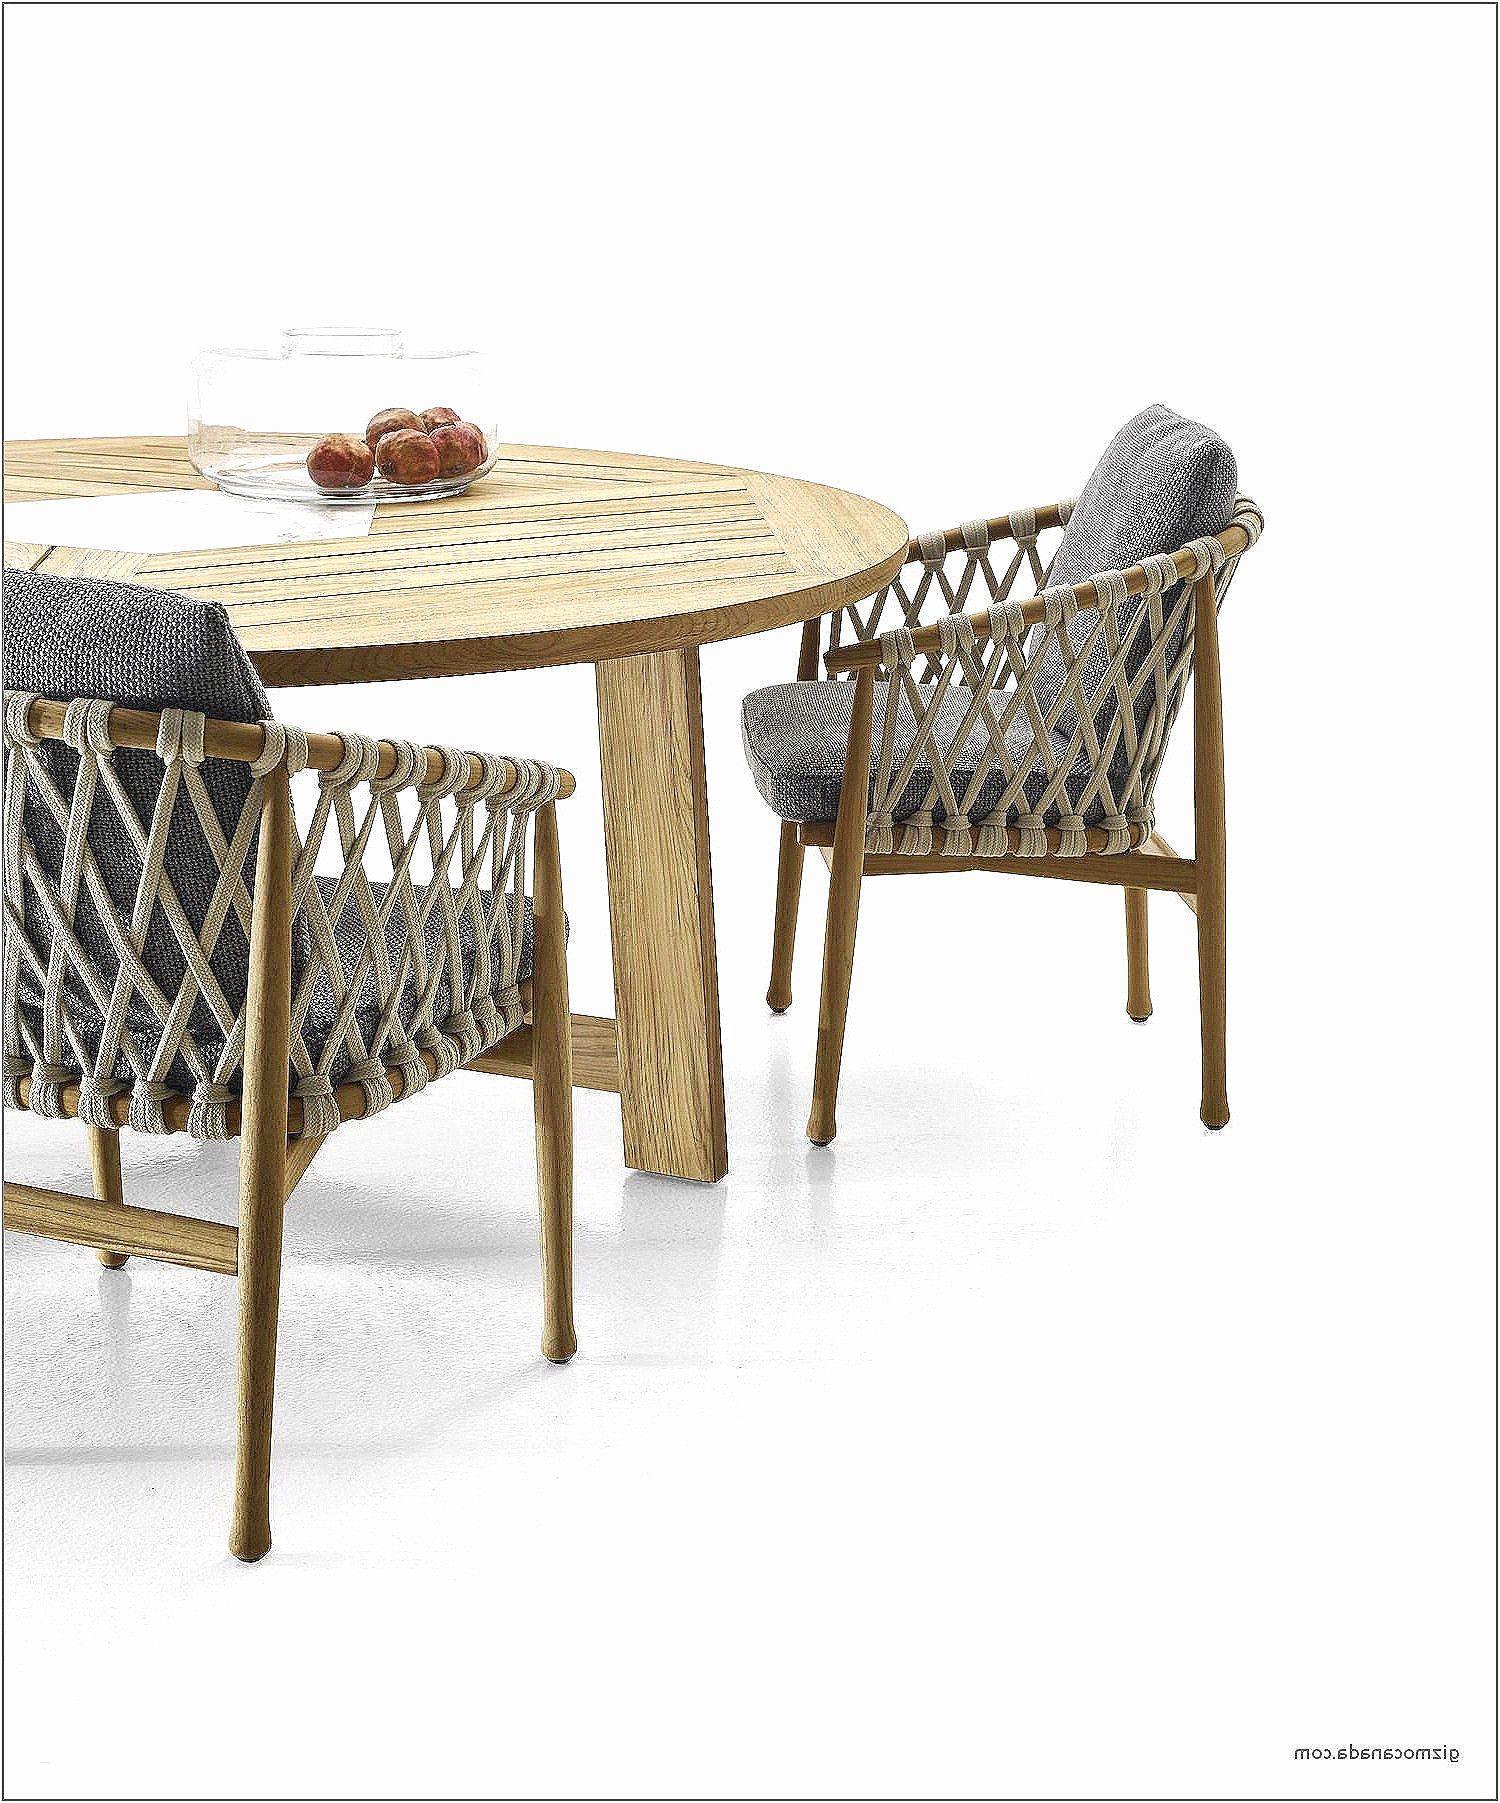 Full Size of Ikea Bartisch Sthle Holz Ottoman Slipcovers Luxury Sofa Bei 3er Mit Schlaffunktion Betten Miniküche 160x200 Küche Kaufen Modulküche Kosten Wohnzimmer Ikea Bartisch